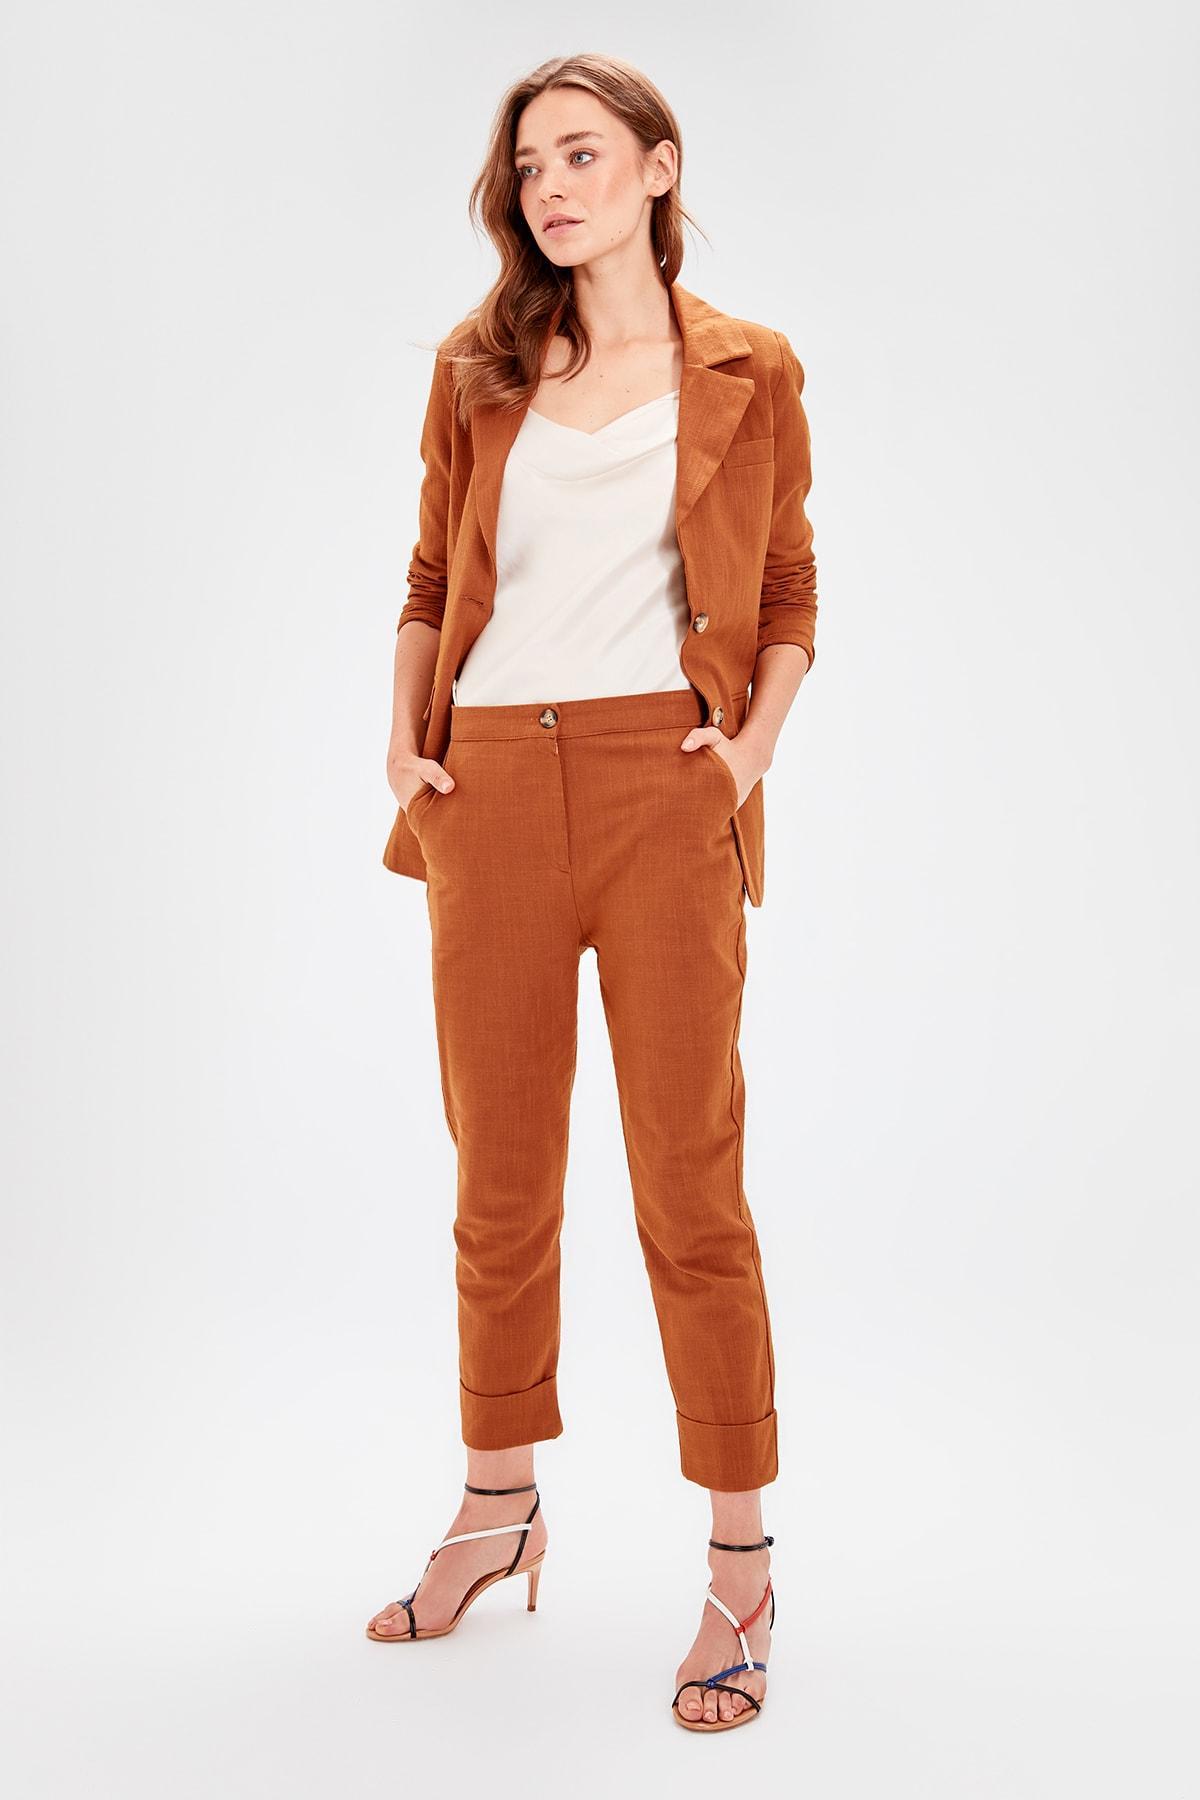 Trendyol Cinnamon Button Detail Pants TWOAW20PL0050